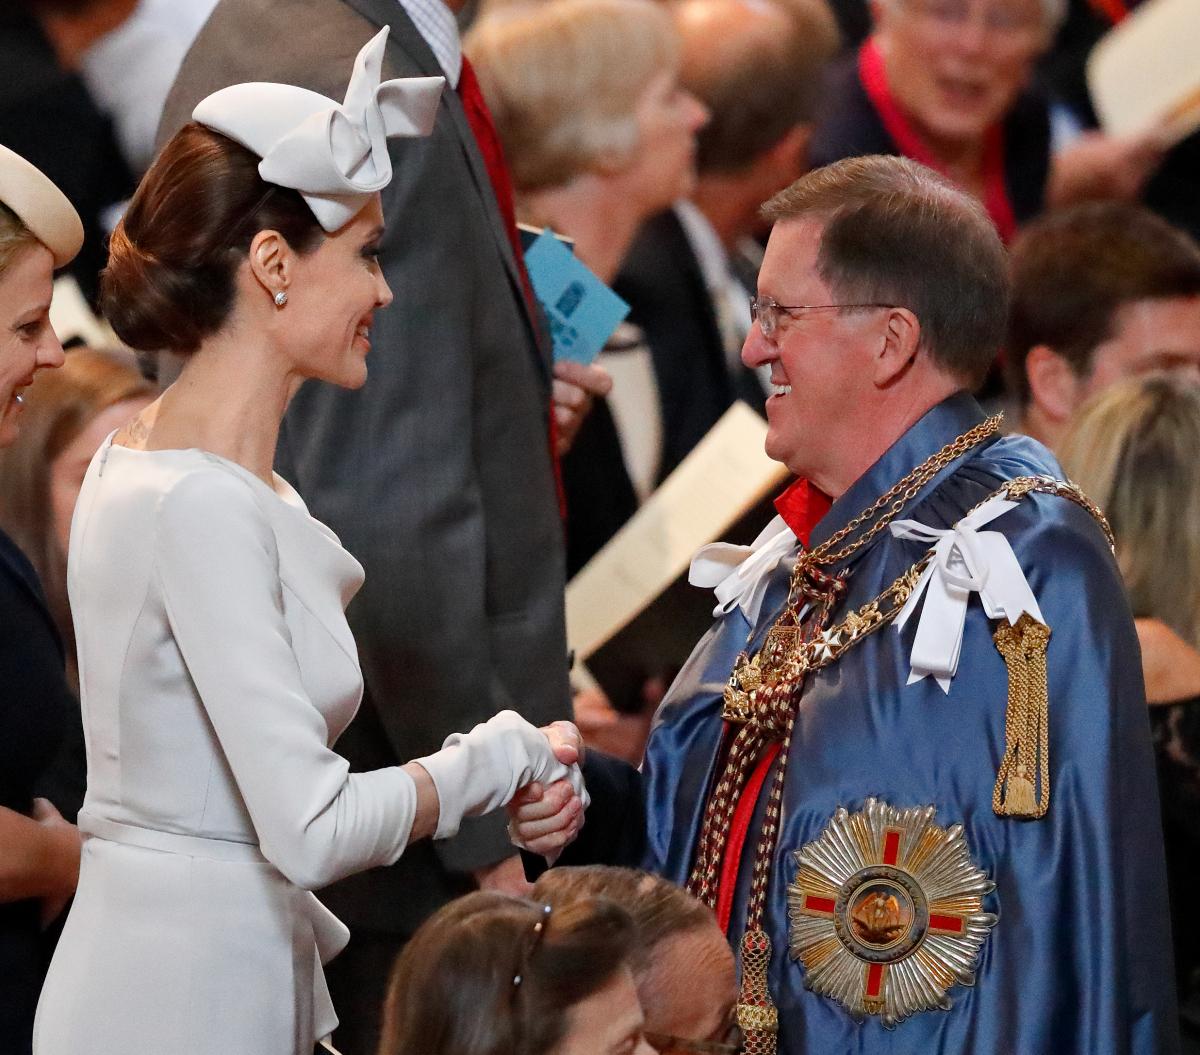 2018年6月、ロンドンで行われた英王室主催のイベントに出席。2017年から英名門大の客員教授を務めていることもあり、英国に拠点を移すという噂もチラホラ。